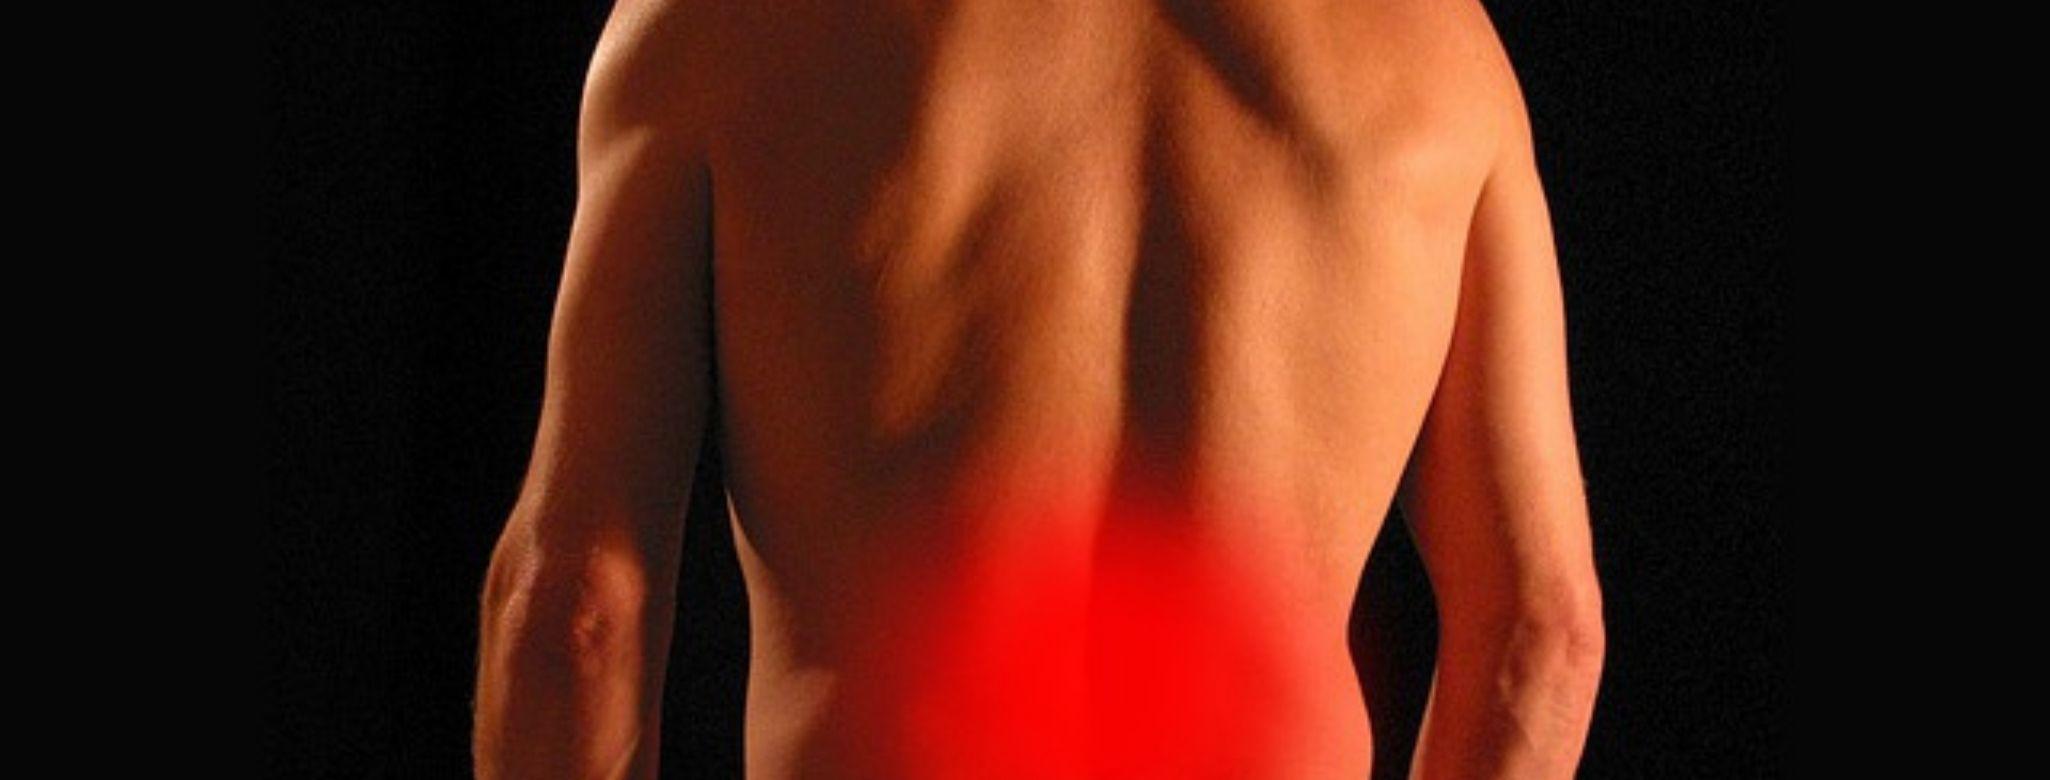 La corsa provoca problemi alla schiena?